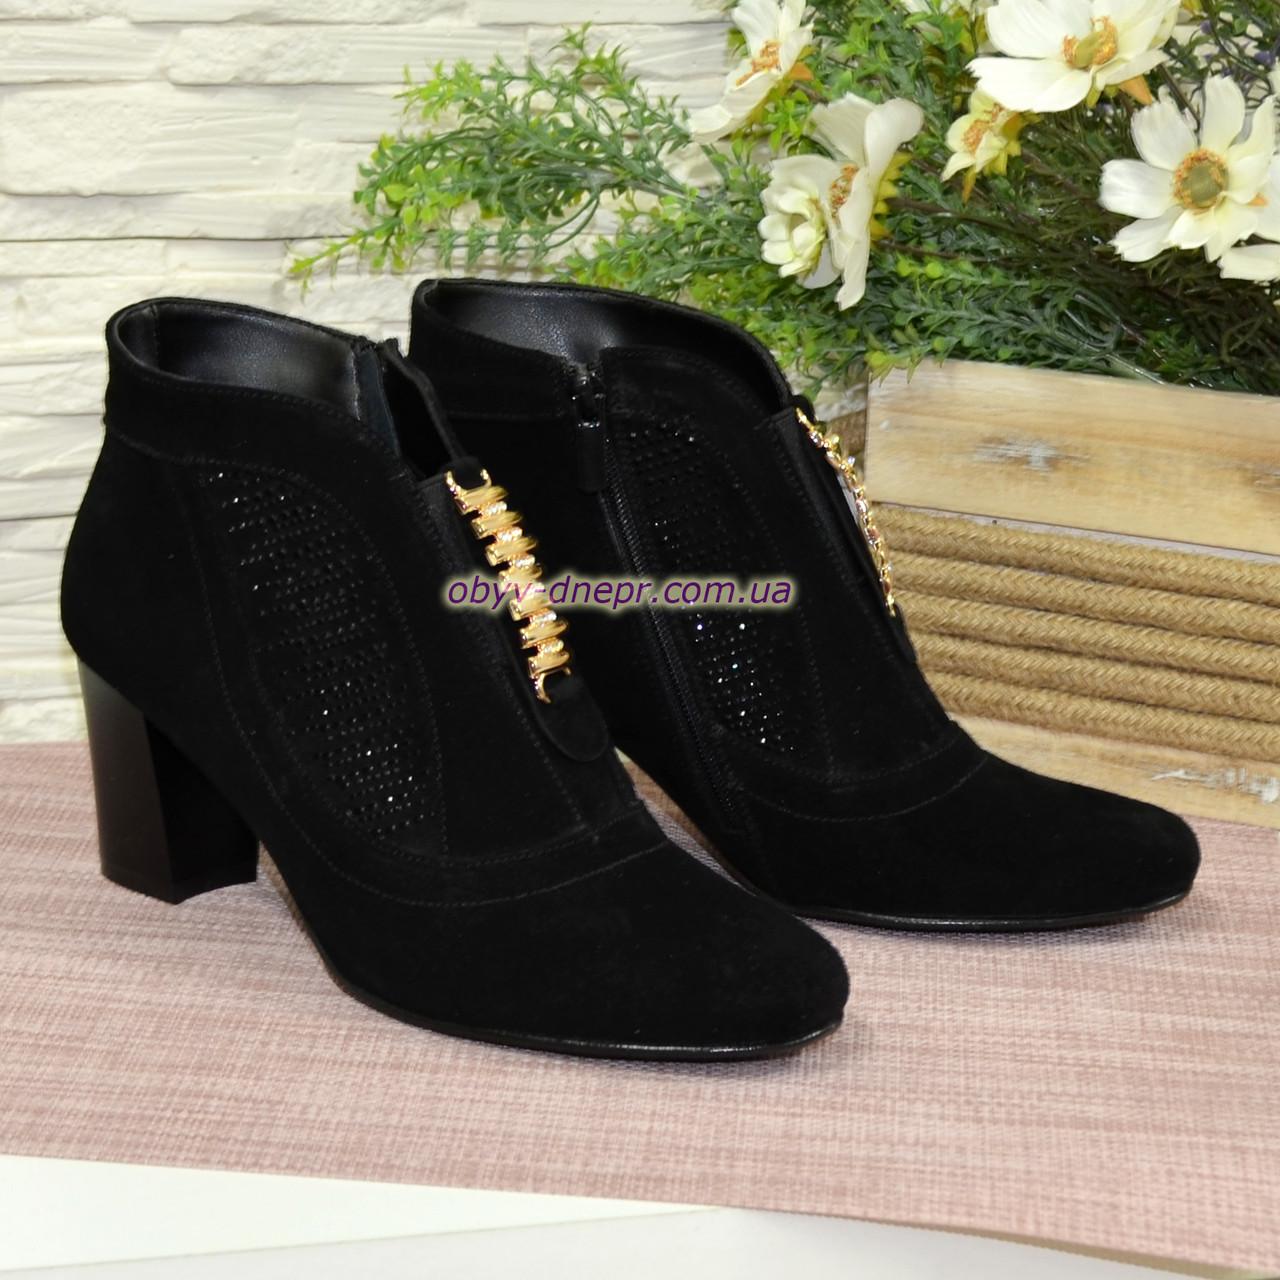 Стильные женские замшевые зимние ботинки, декорированы стразами и фурнитурой.